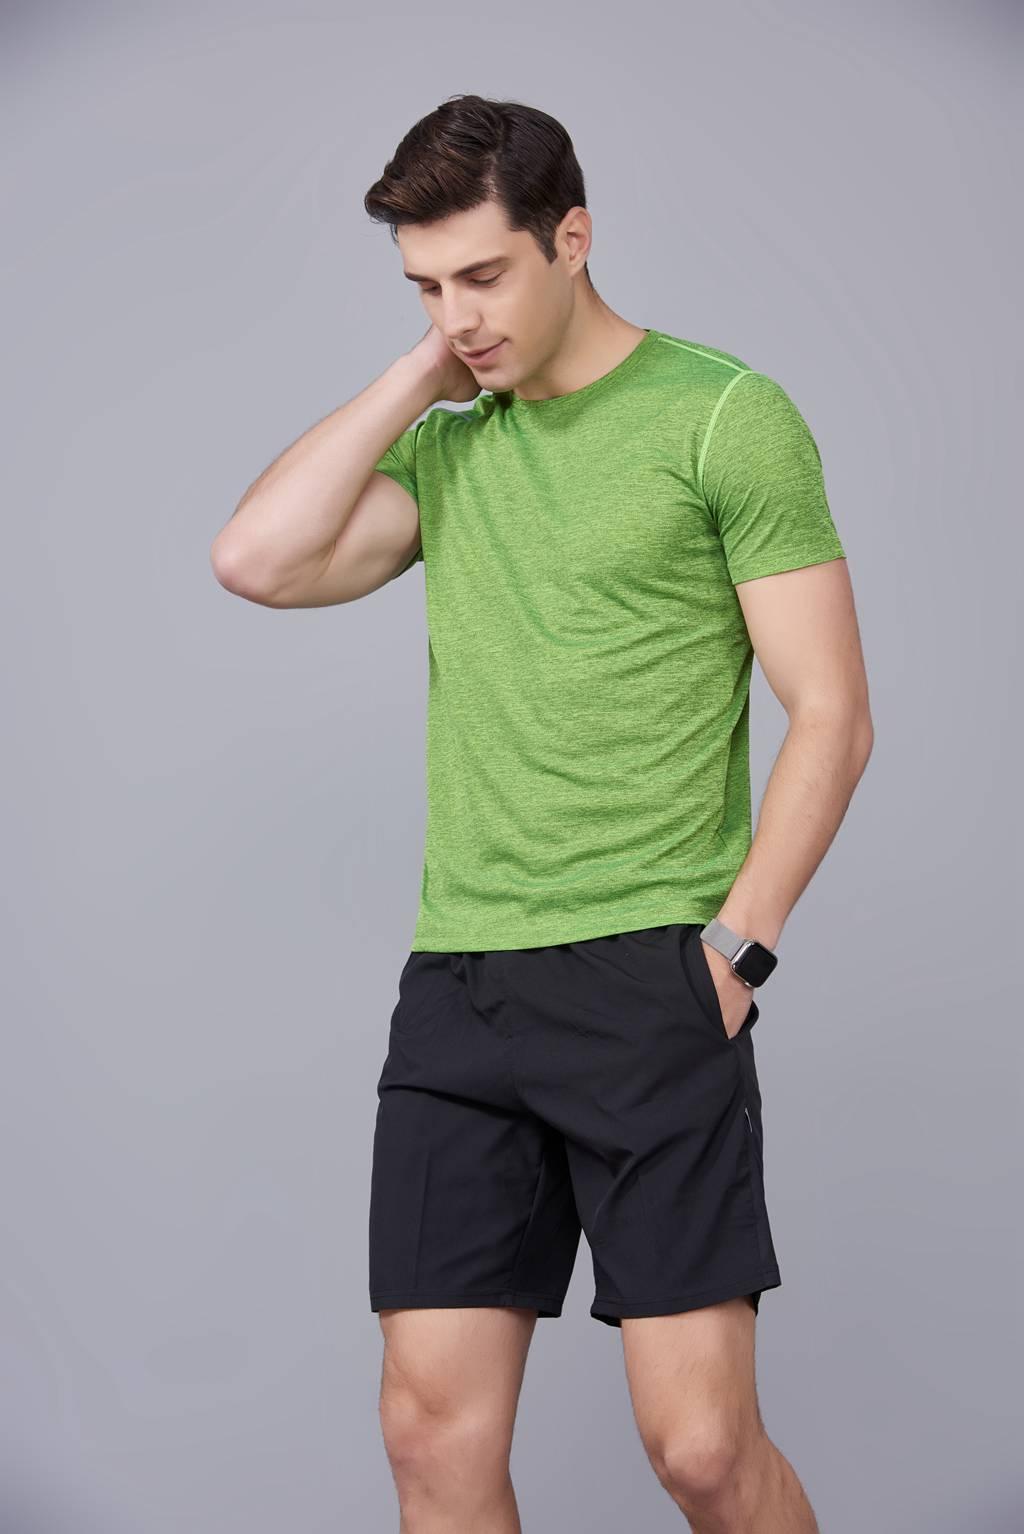 文化衫定制  男女情侣短袖文化衫定制T恤  绿色